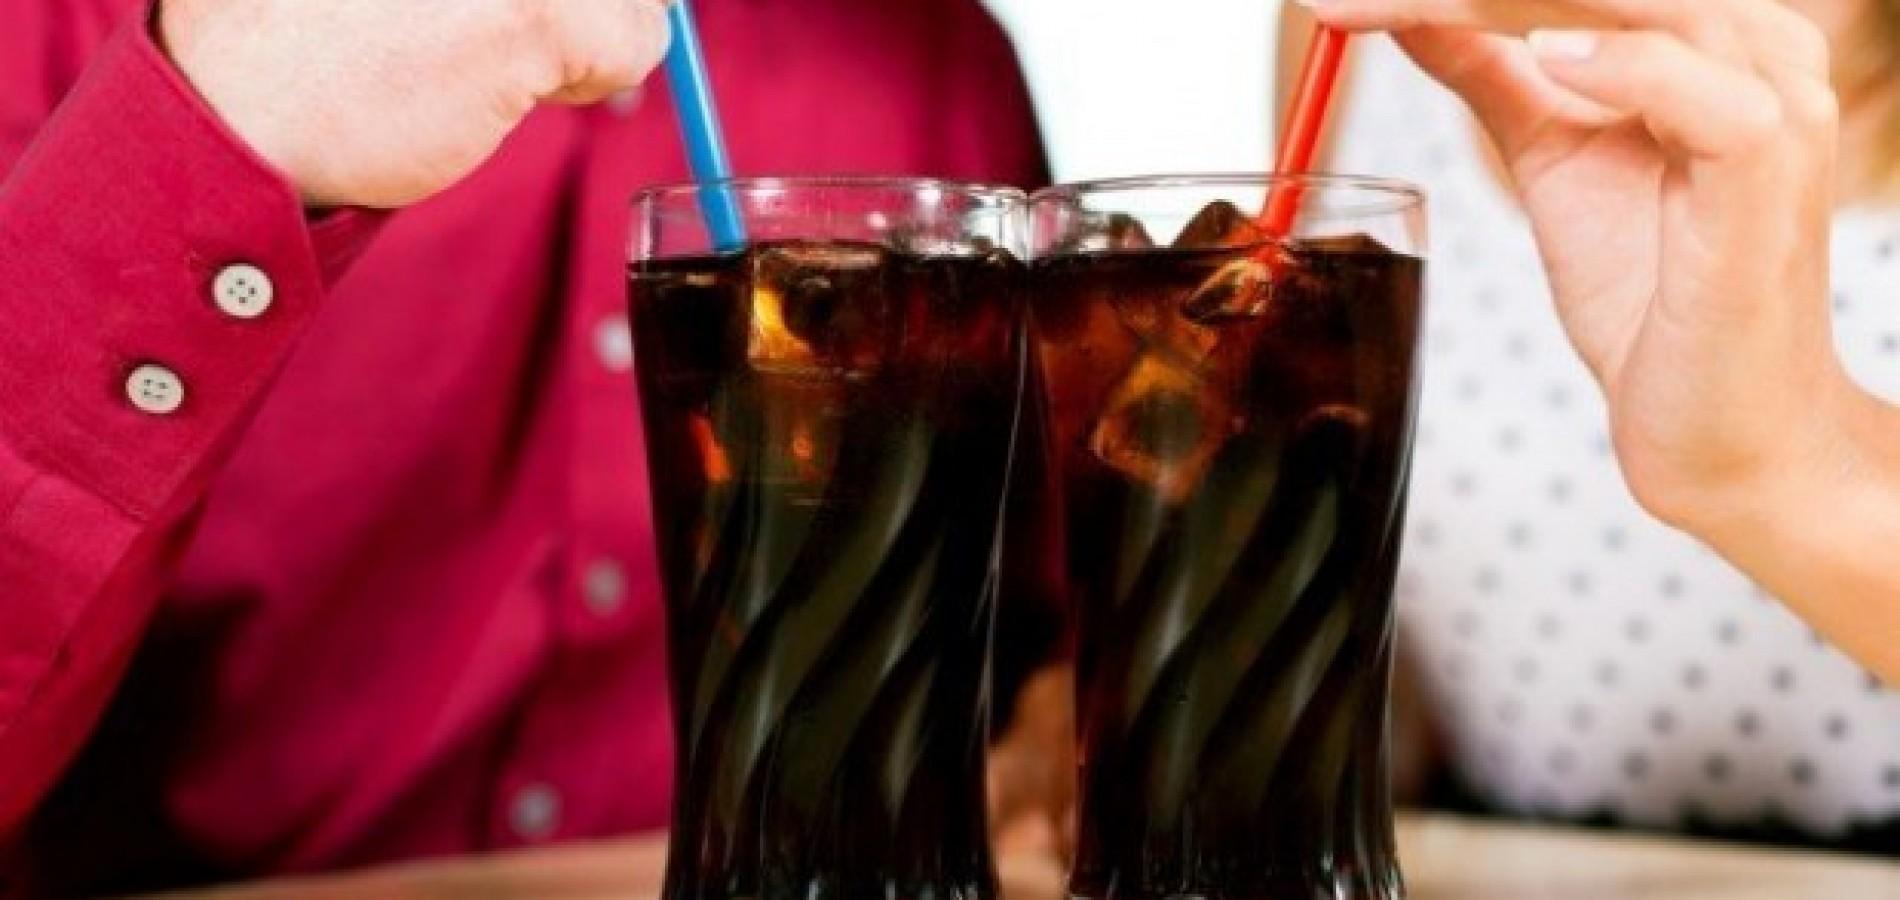 Indústrias de refrigerante não farão mais propaganda para crianças